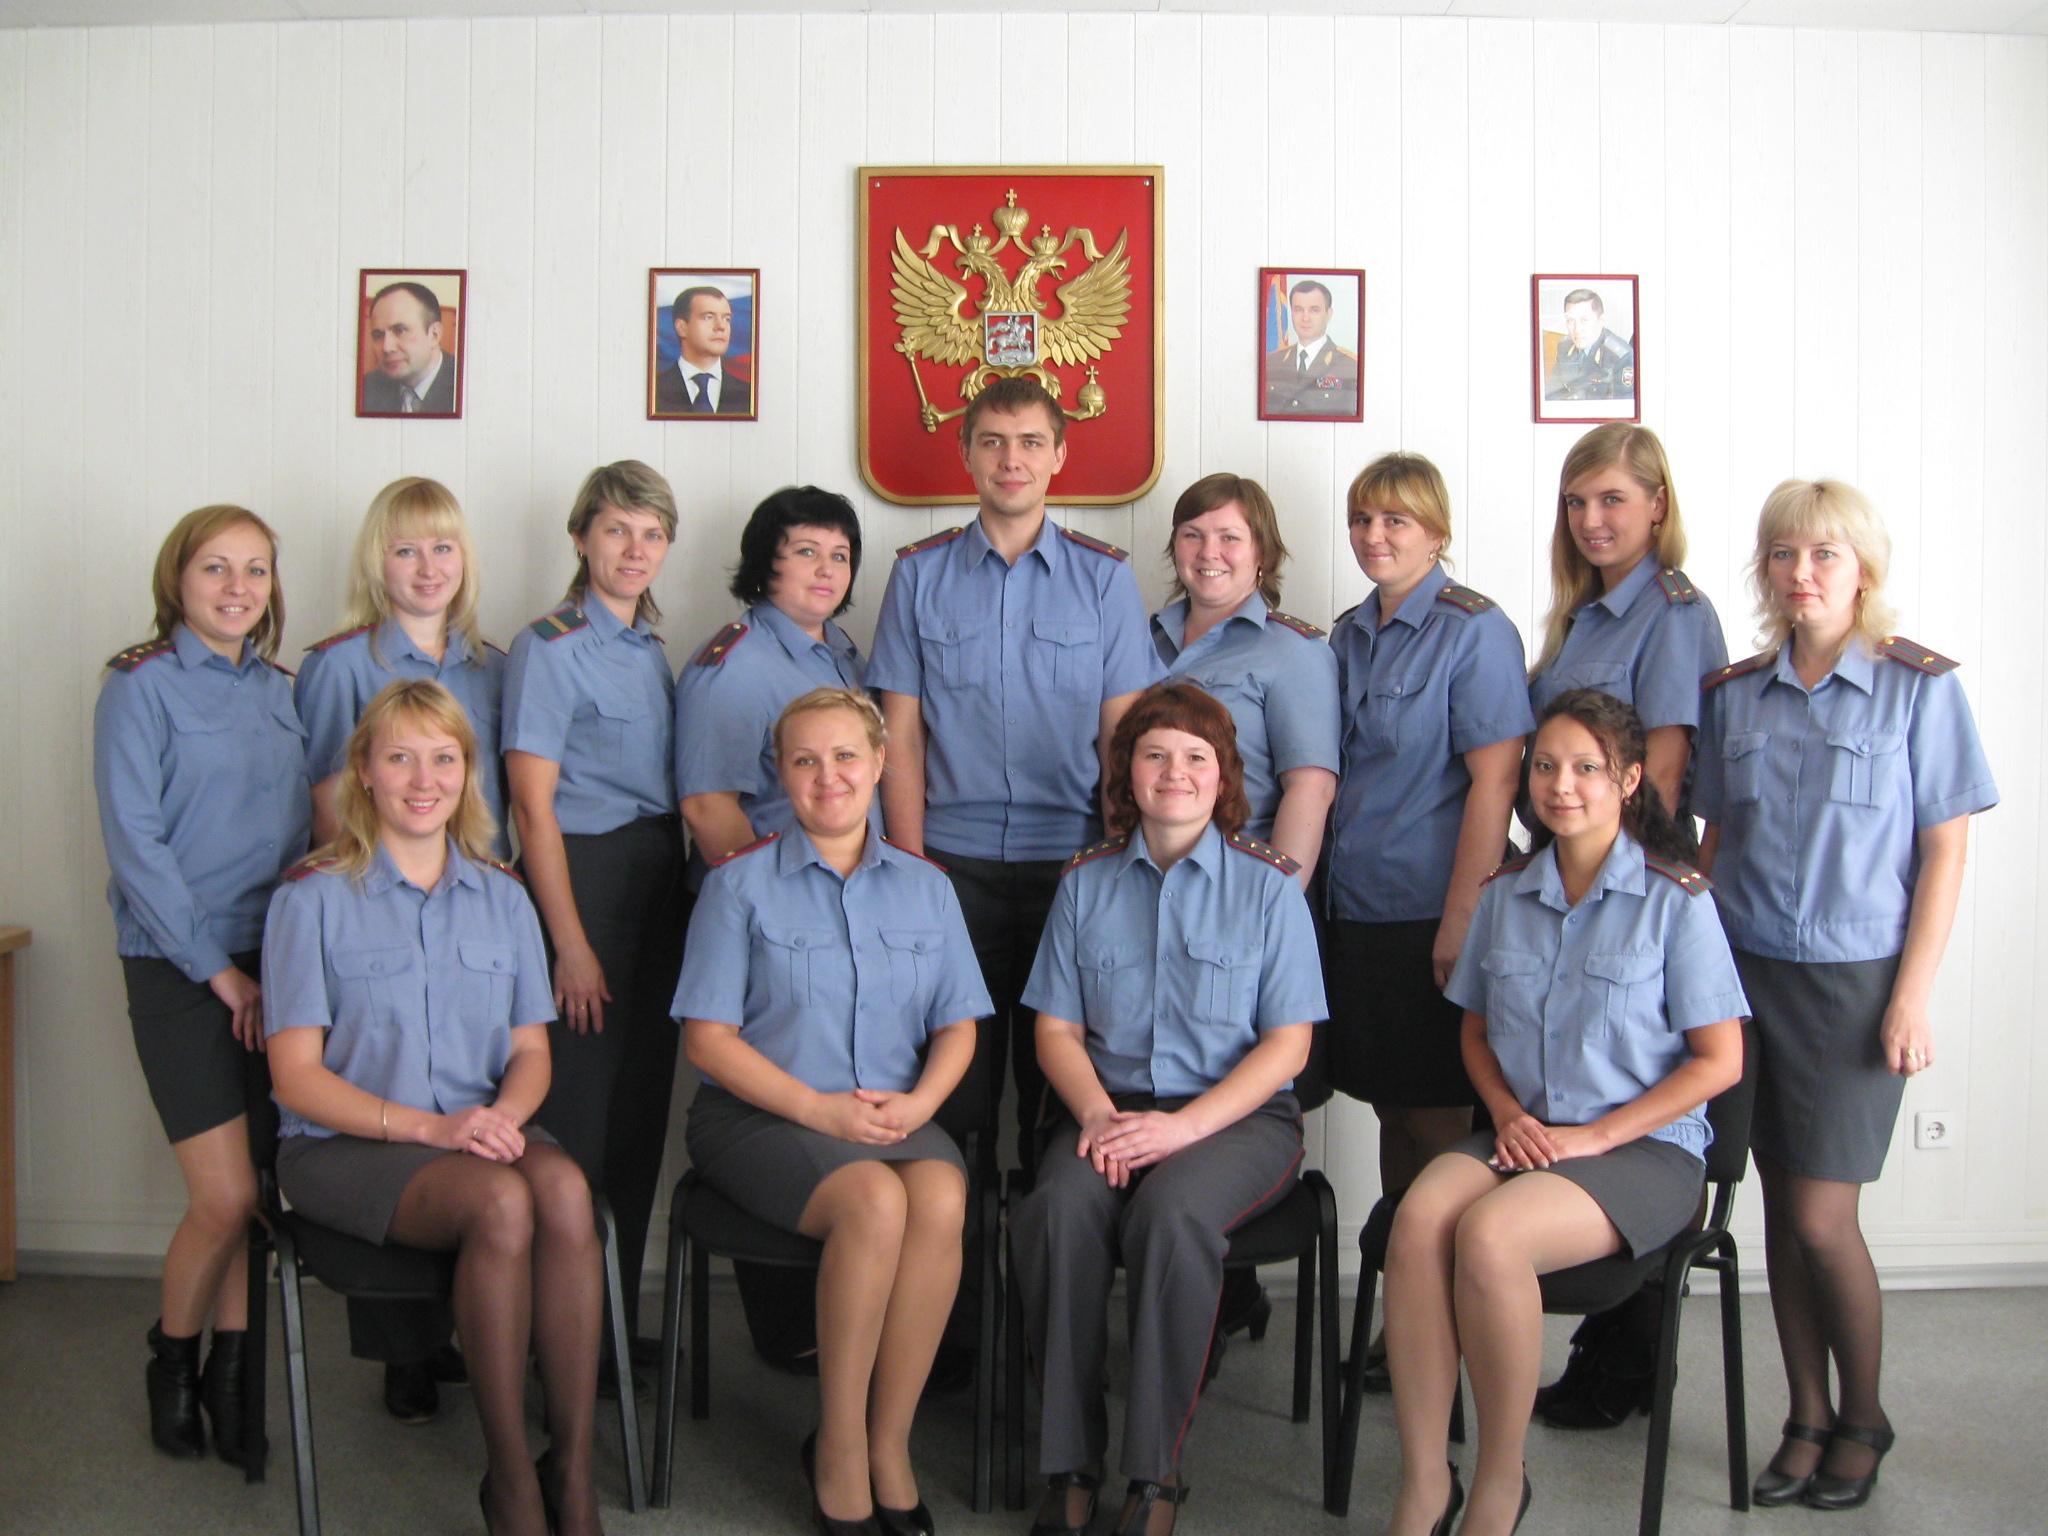 очертаниях Романов иван судебный пристав краснодарский край Алистра